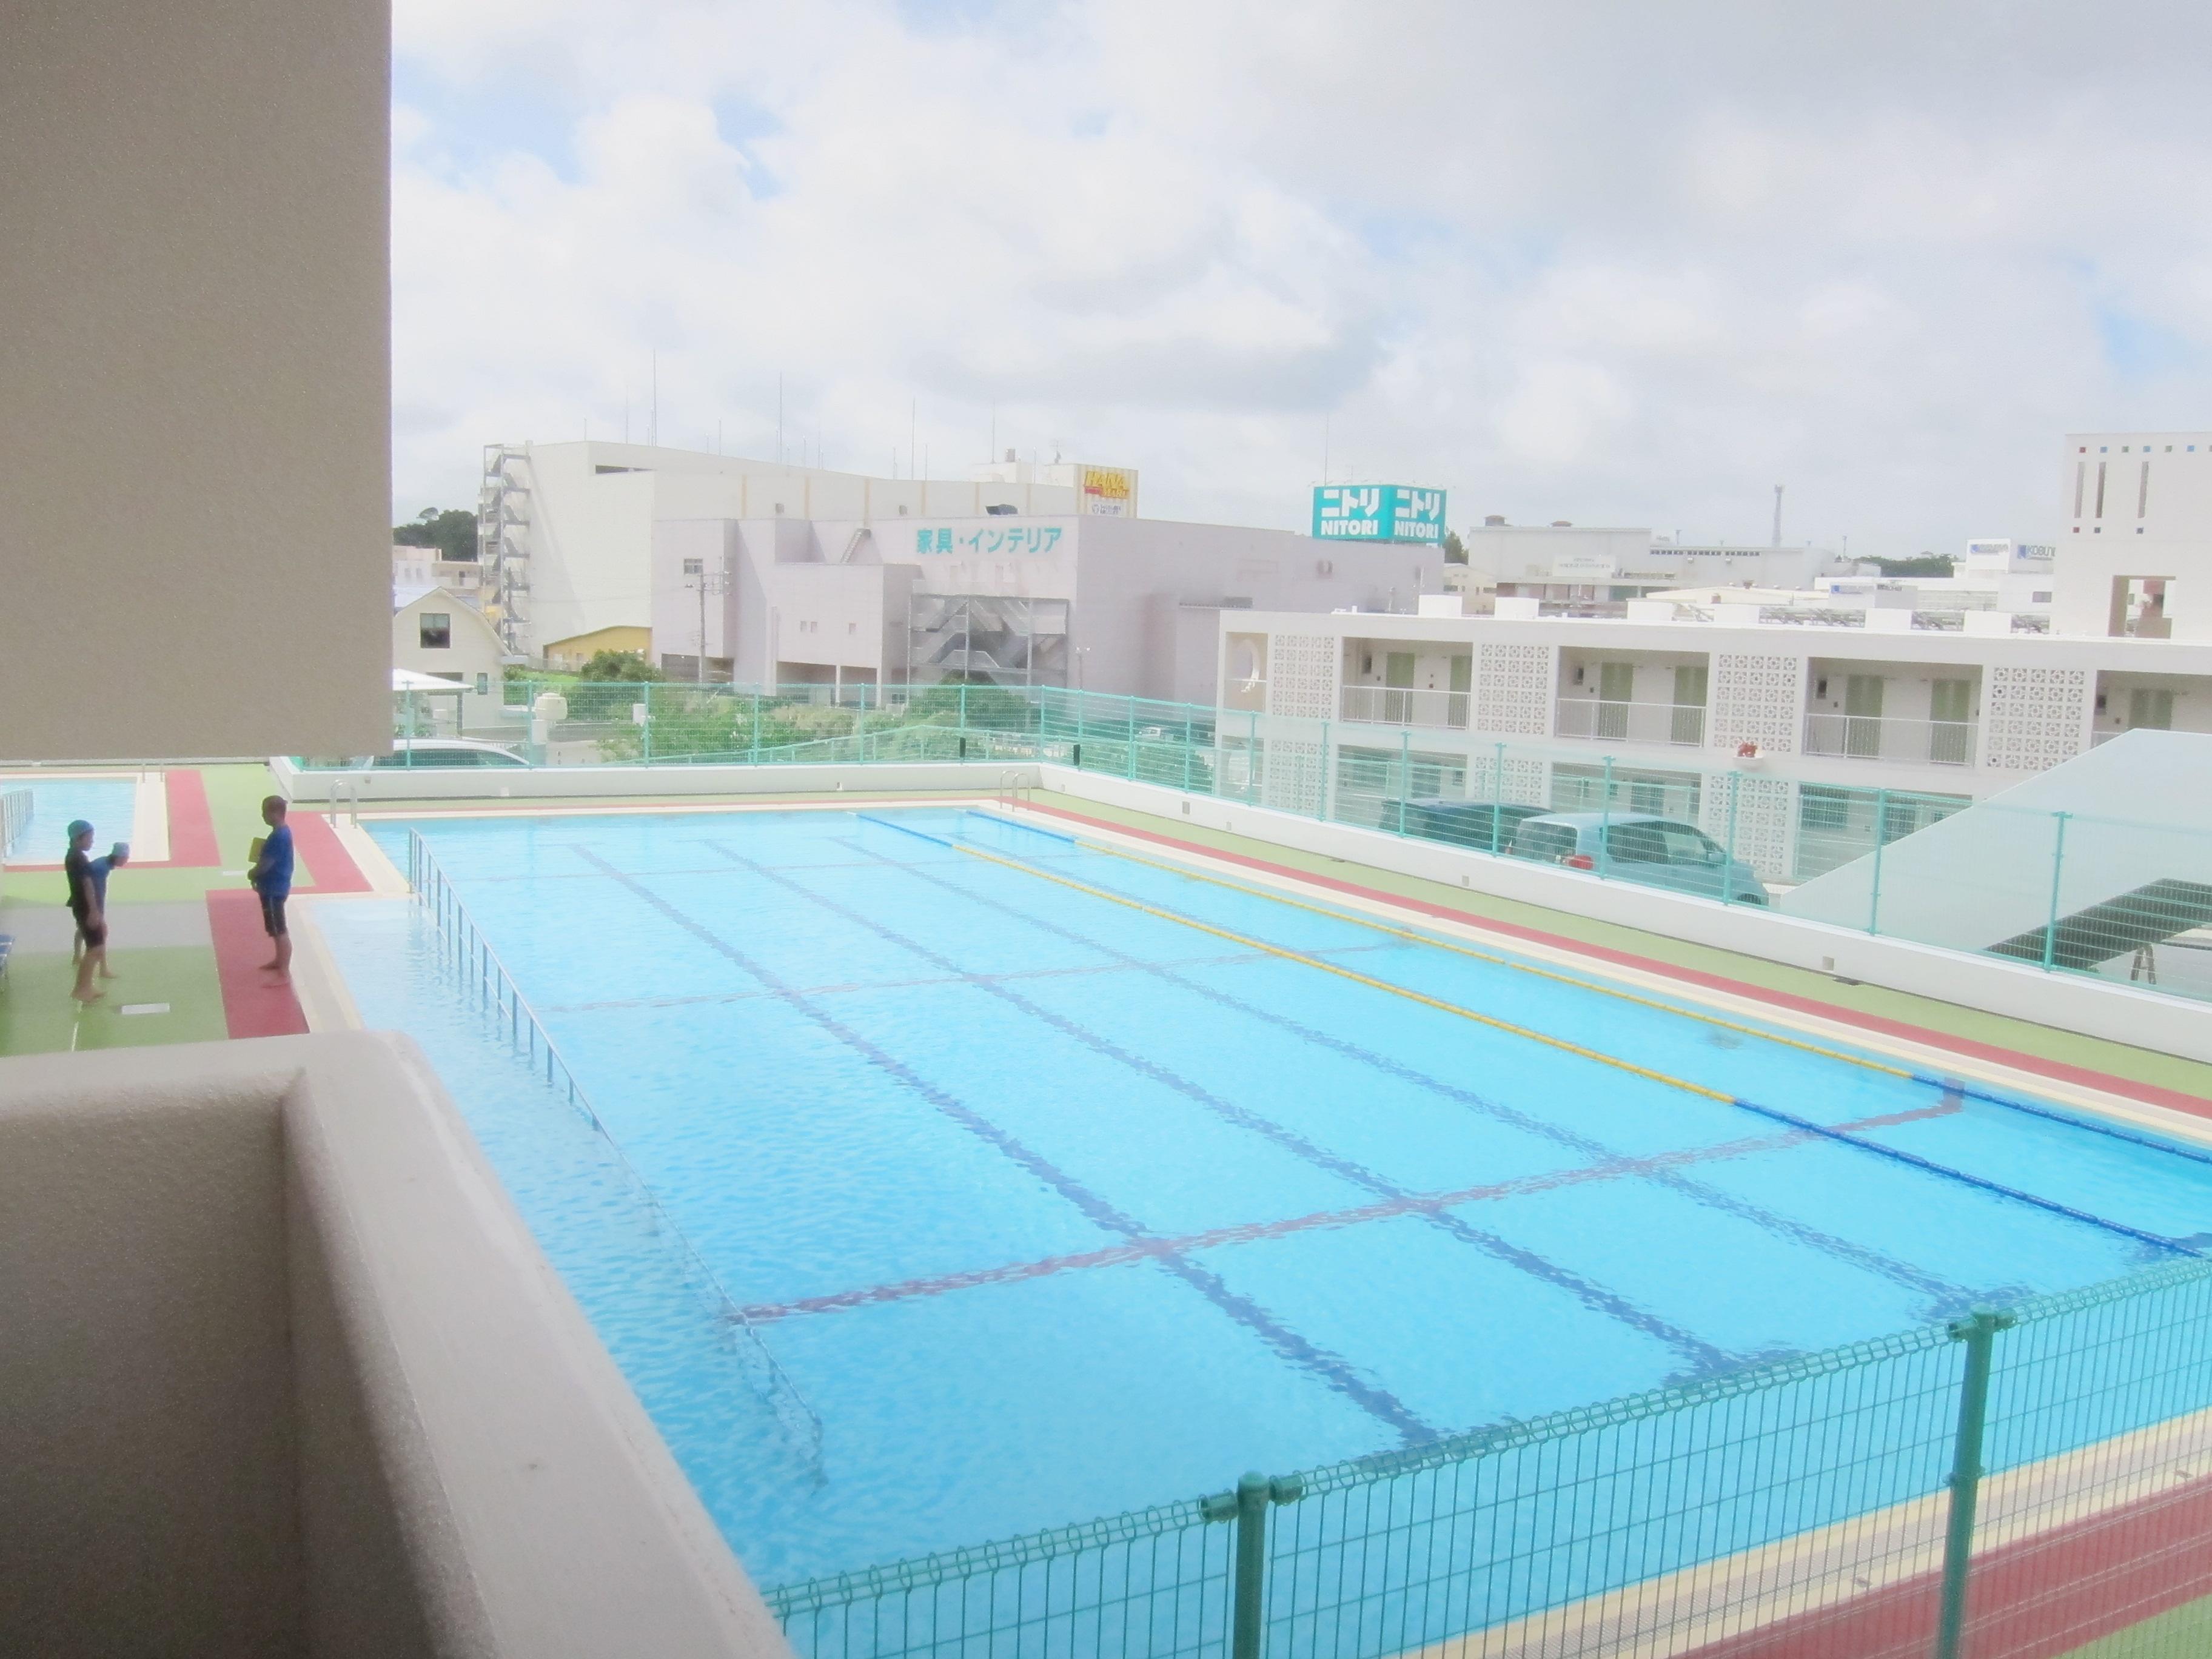 盲校中設有標準游泳池,配有專業教練,指導視障者游泳。